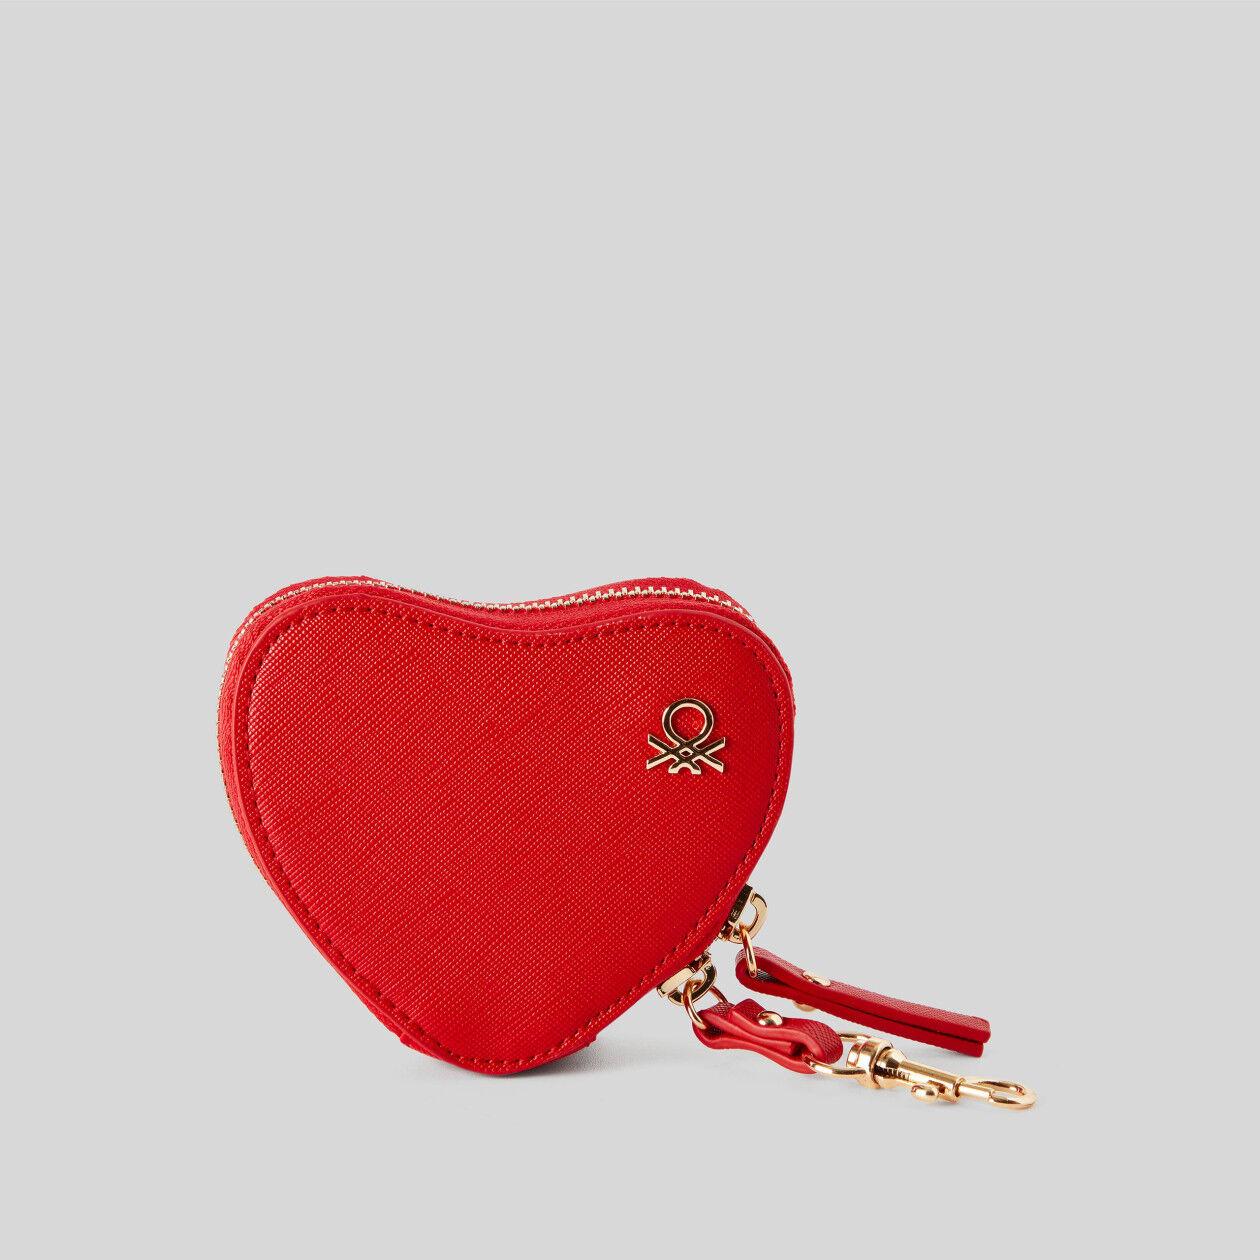 Porta-moedas em forma de coração